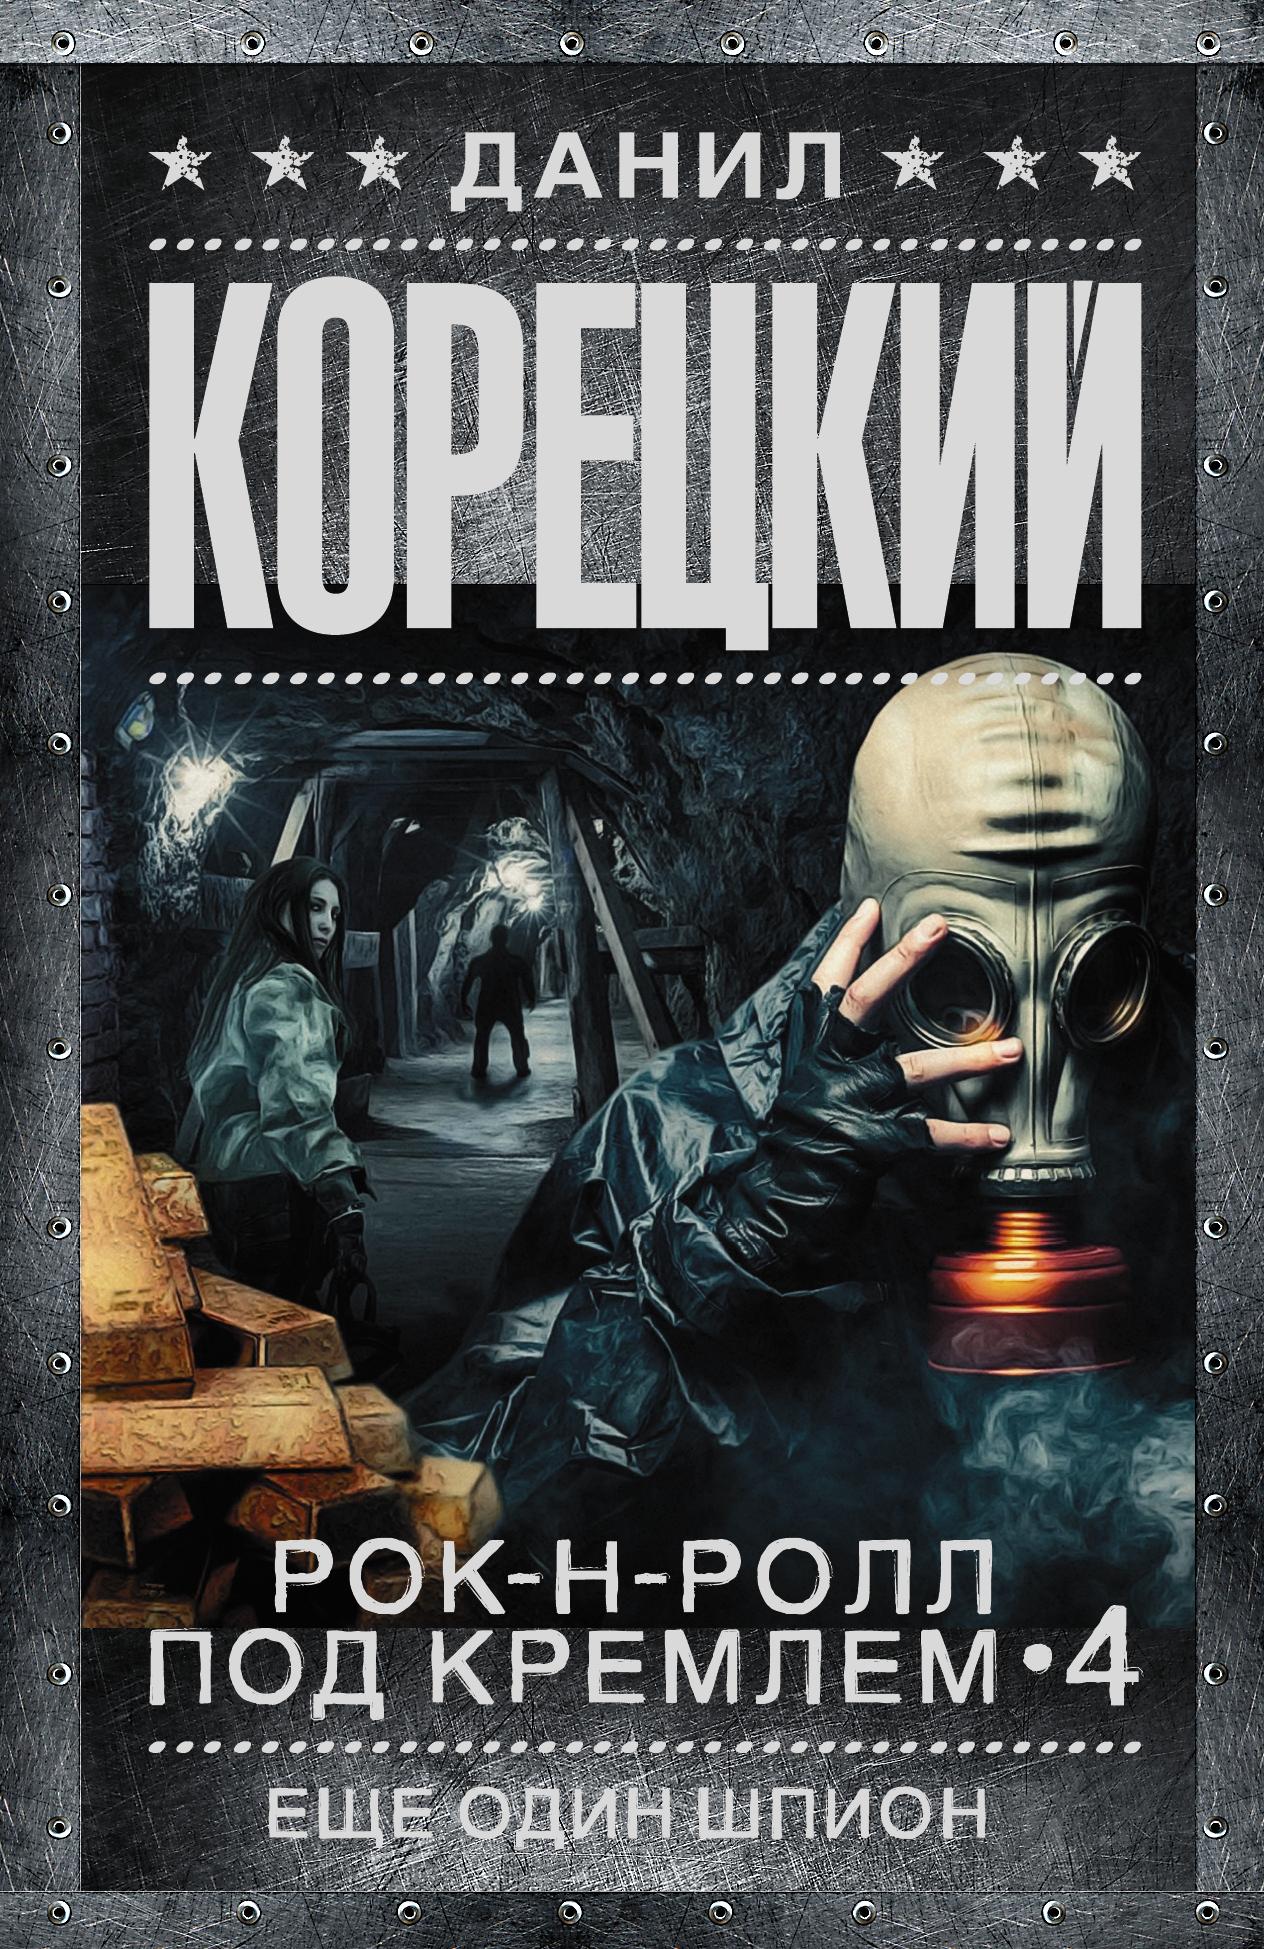 Скачать книгу корецкого найти шпиона